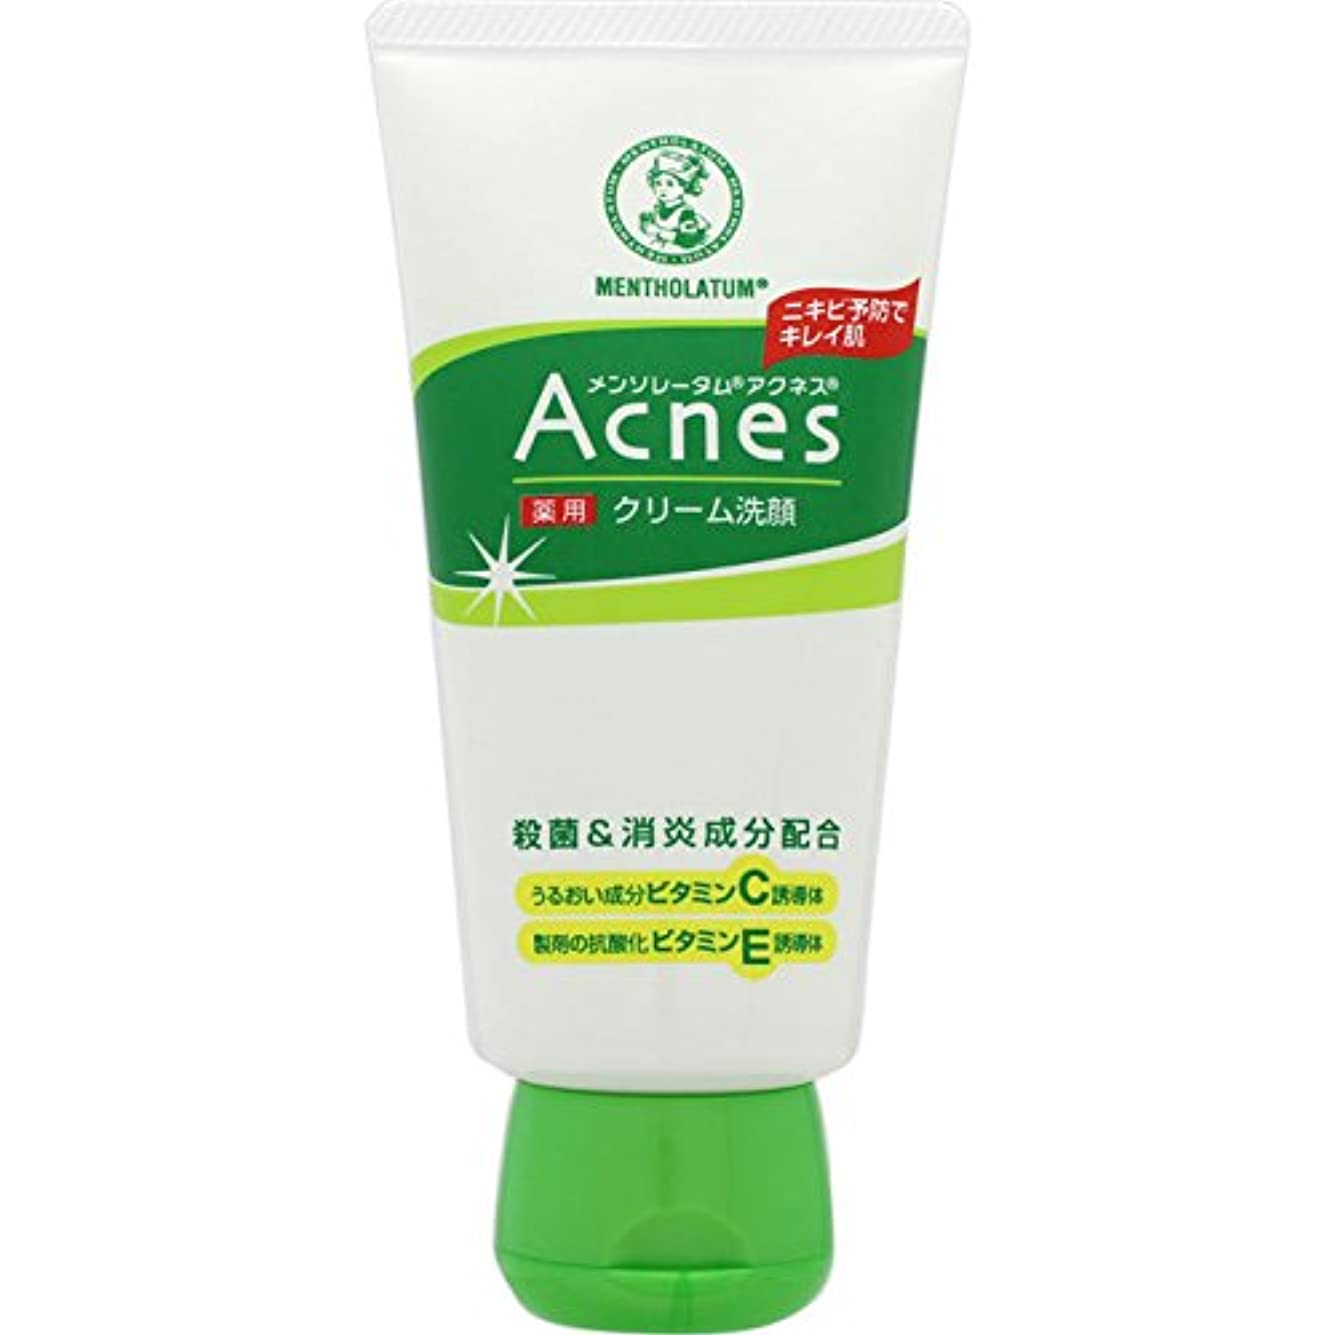 代表少なくとも容器アクネス 薬用クリーム洗顔 130g【医薬部外品】